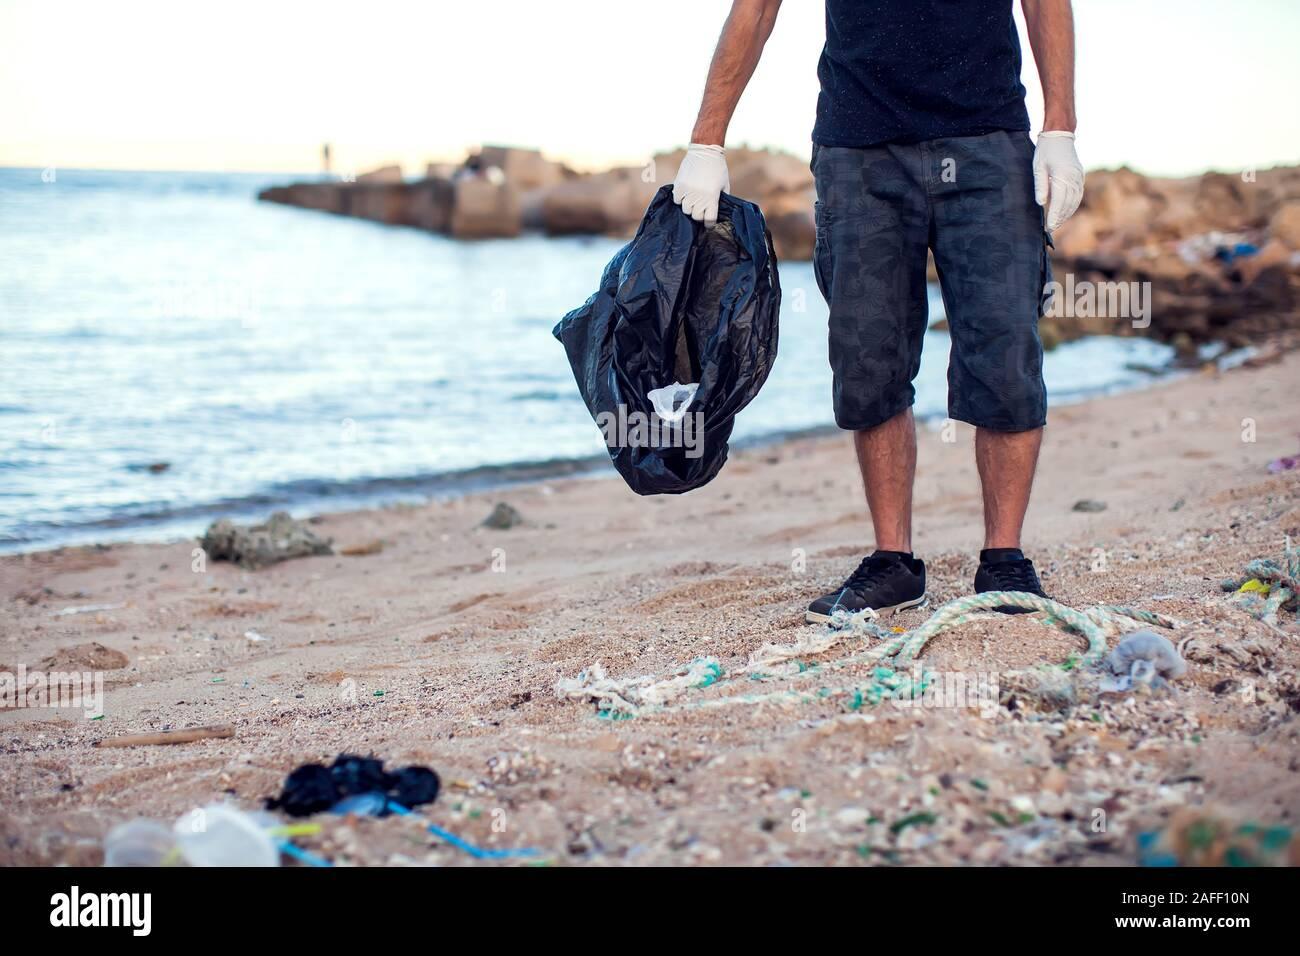 L'homme en chemise et pantalon noir avec des gants blancs et big black package collecte des ordures sur la plage. La protection de l'environnement et la pollution de la planète Banque D'Images